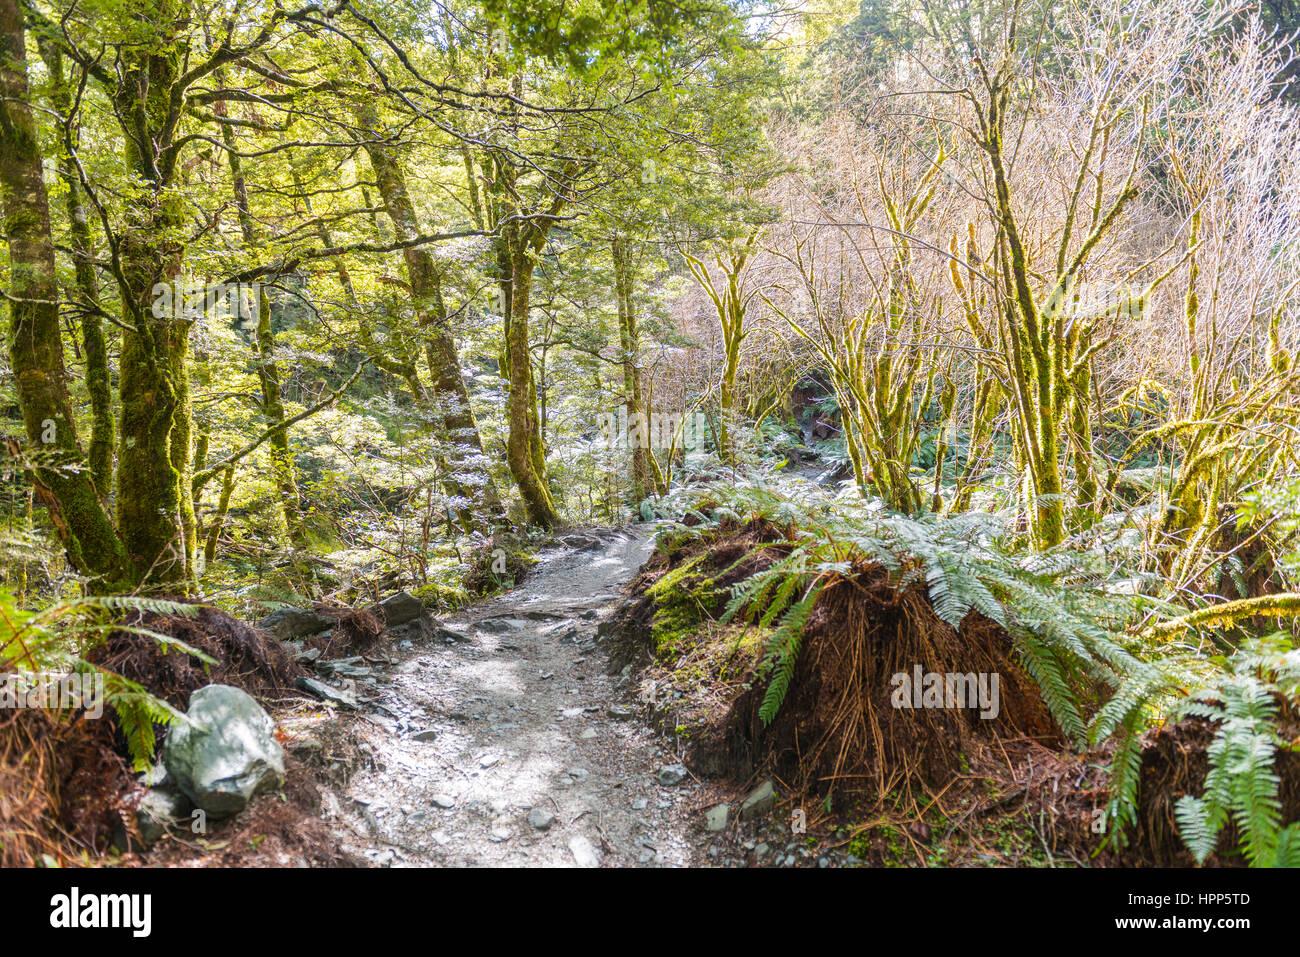 Trail durch Wald mit Farn, alpine Vegetation, Mount Aspiring National Park, Otago und Southland, Neuseeland Stockbild